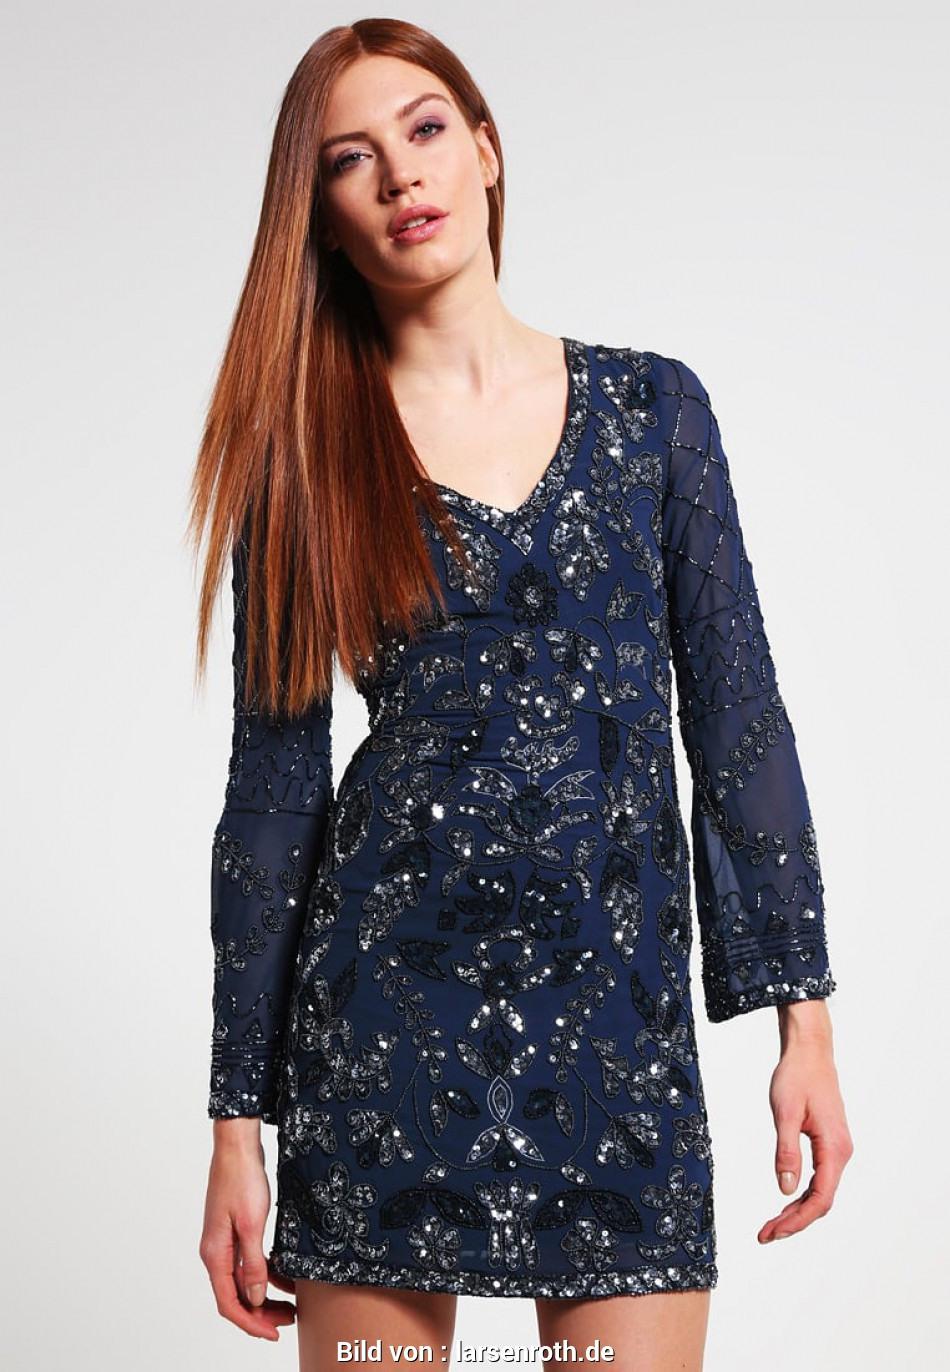 17 Luxurius Zara Abend Kleider SpezialgebietDesigner Erstaunlich Zara Abend Kleider Vertrieb